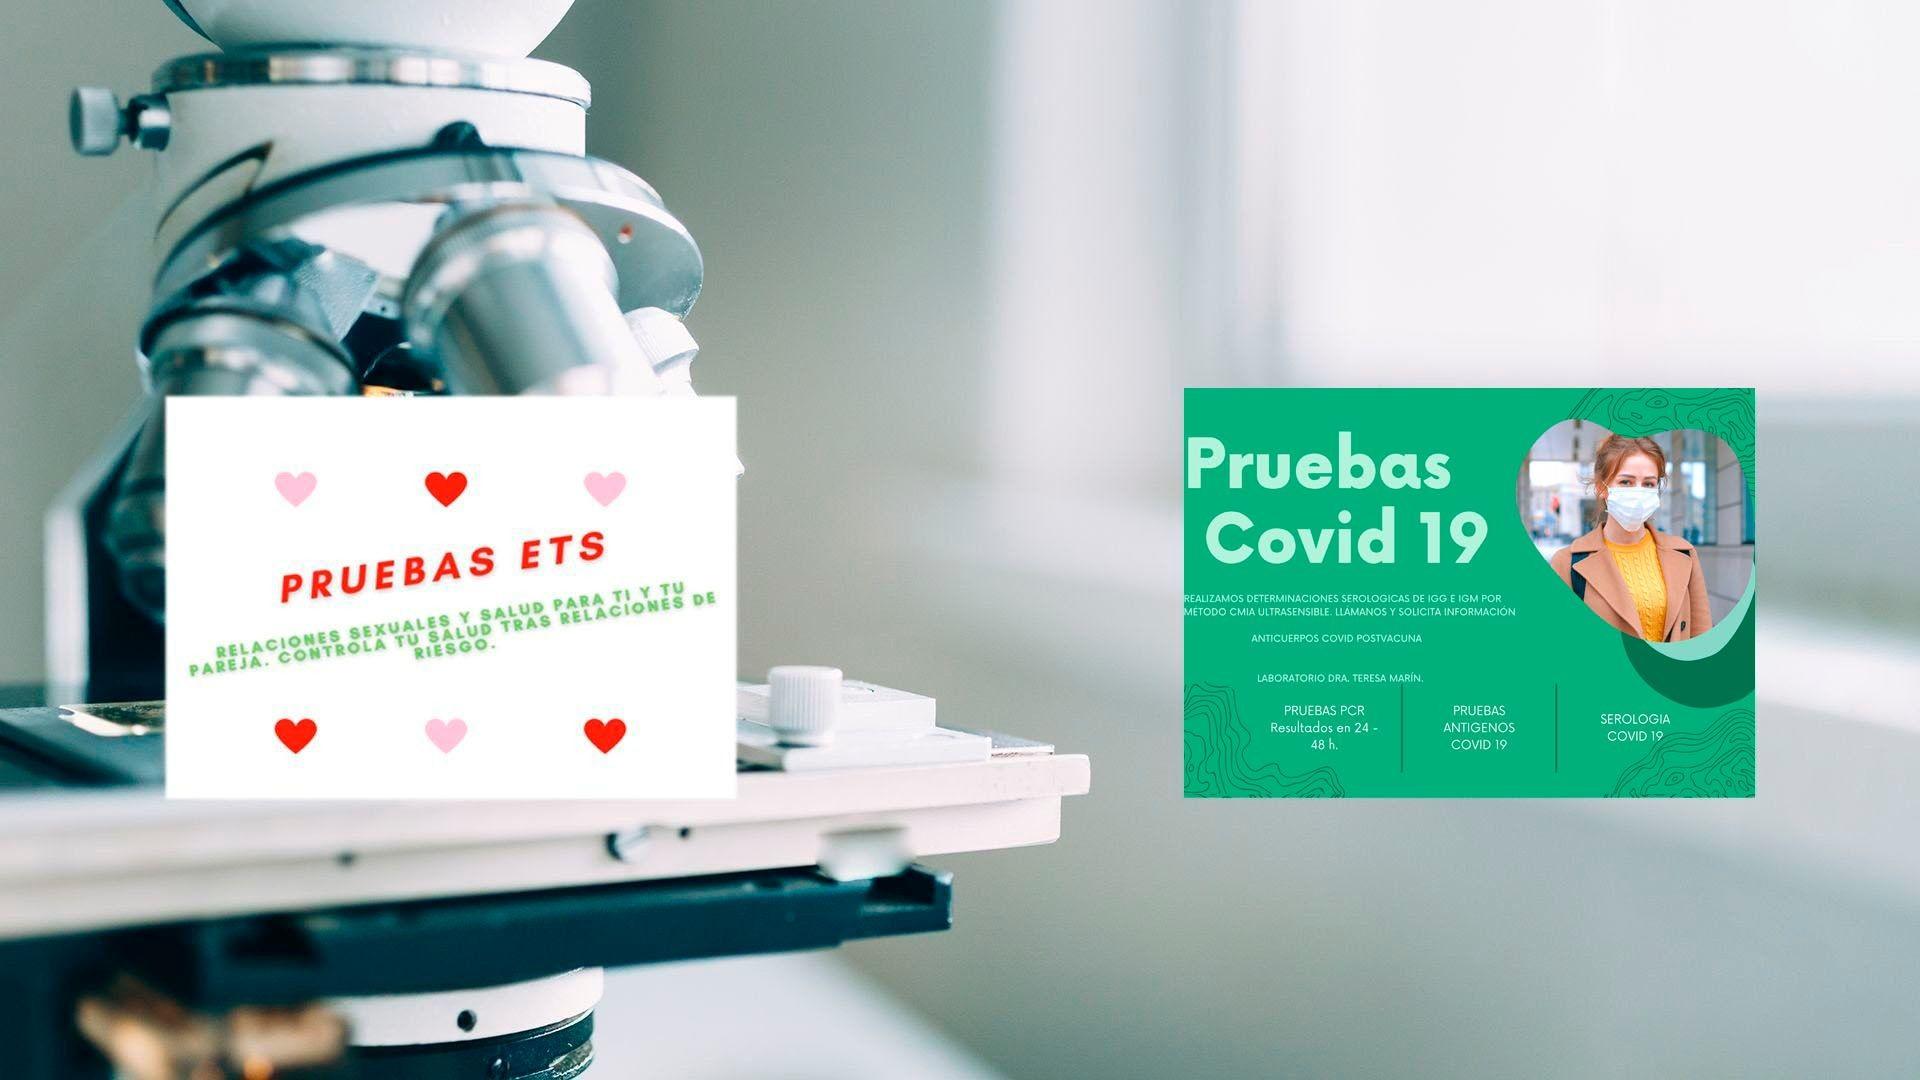 Pruebas ETS y COViD 19